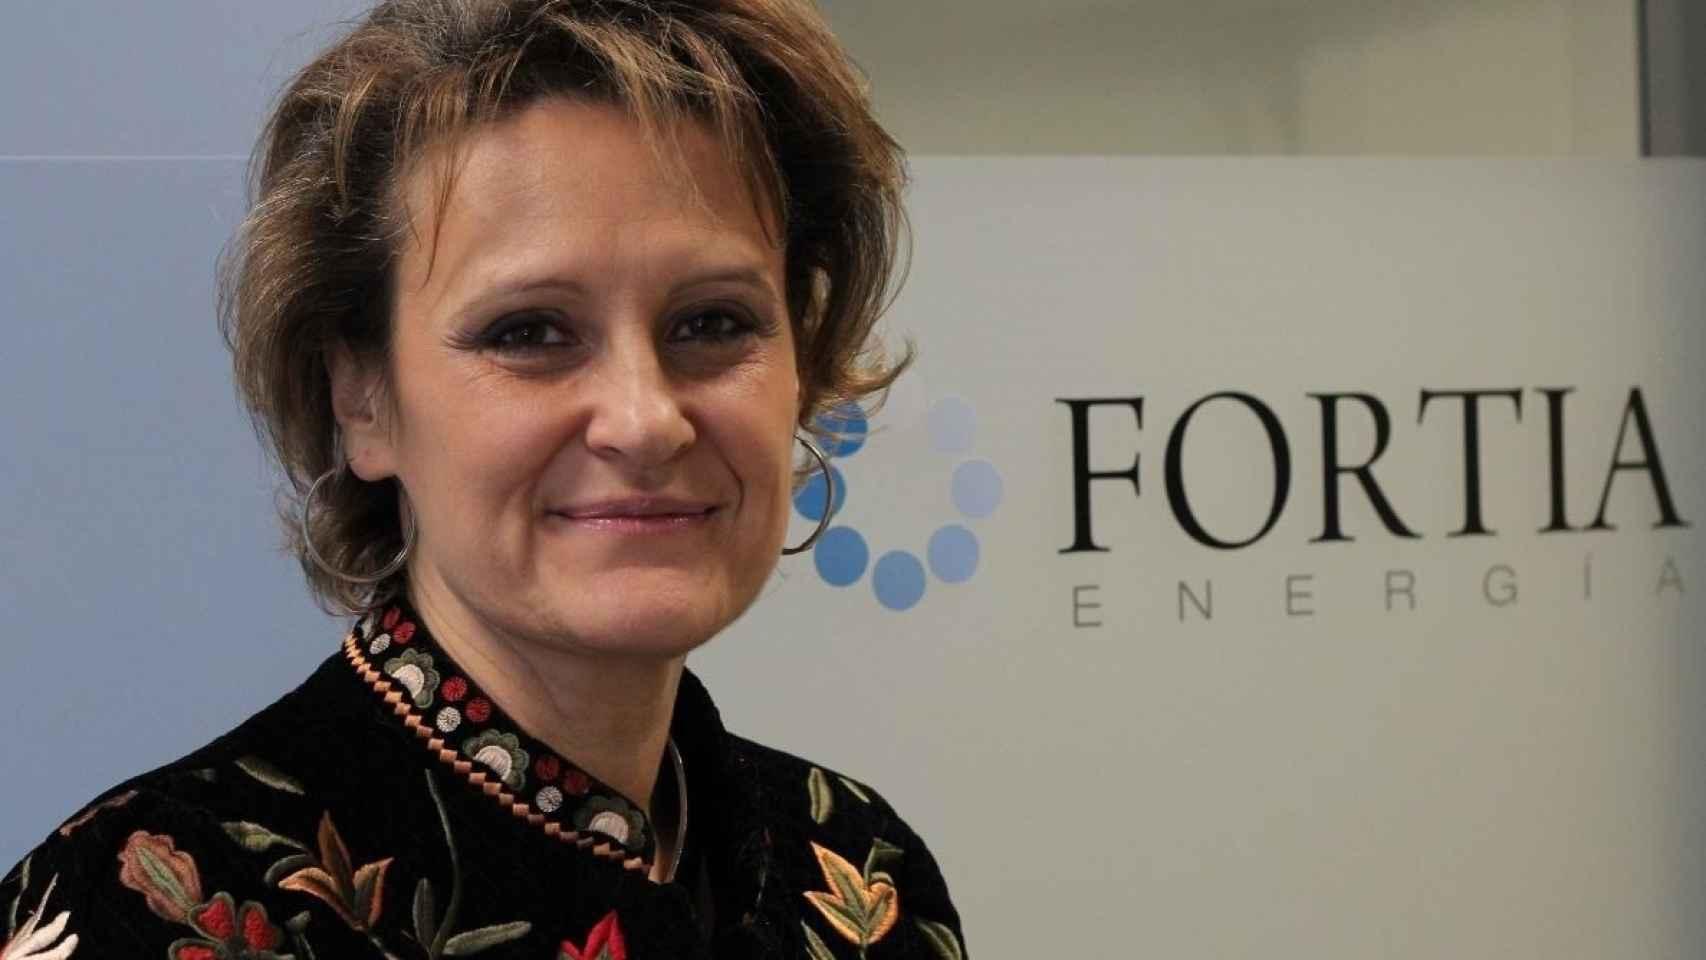 Fortia Energía, comercializadora de grandes consumidores, firma otro 'PPA' con Statkraft